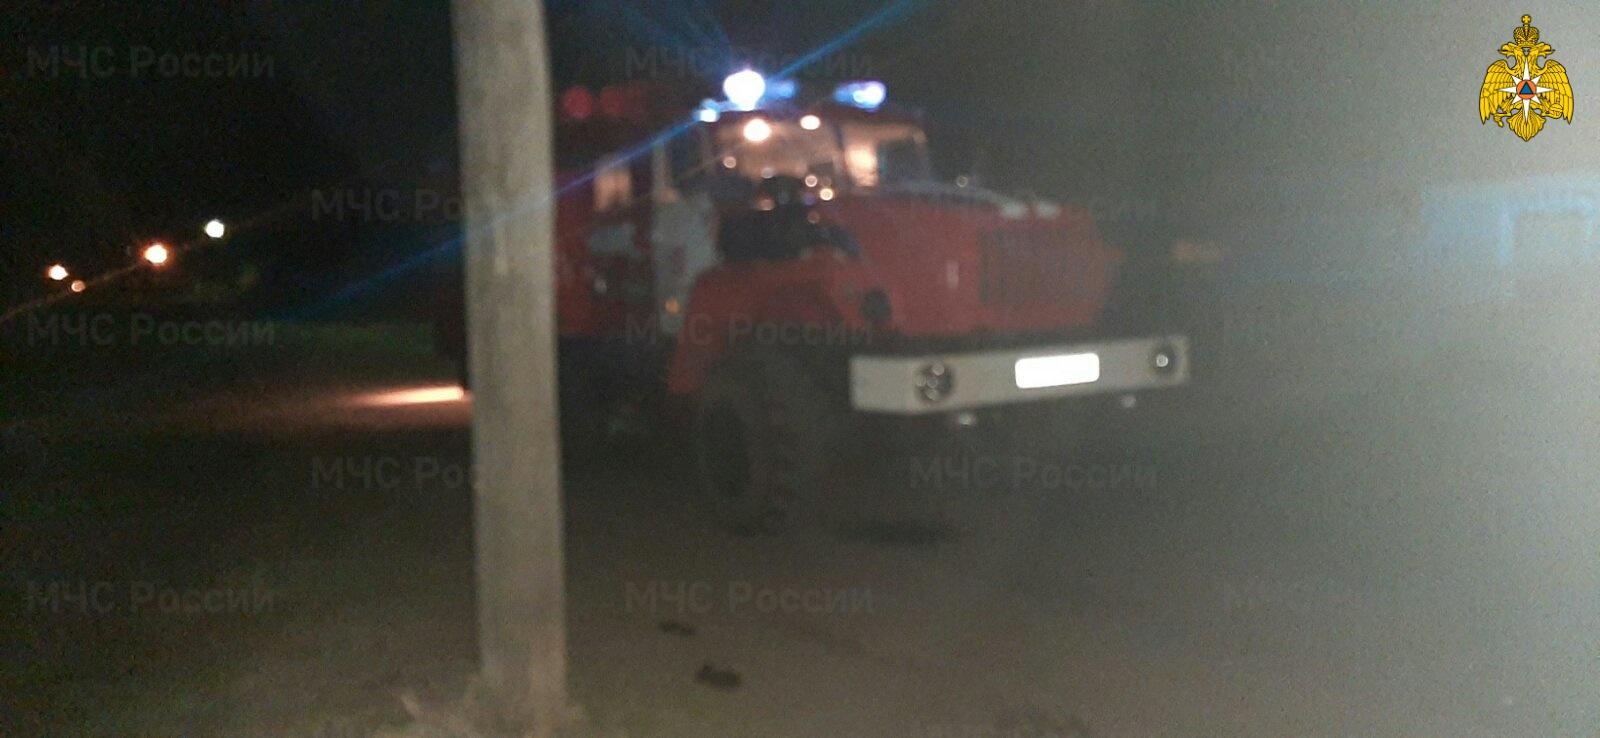 Пожар в п. Балаганске — МЧС России по Иркутской области